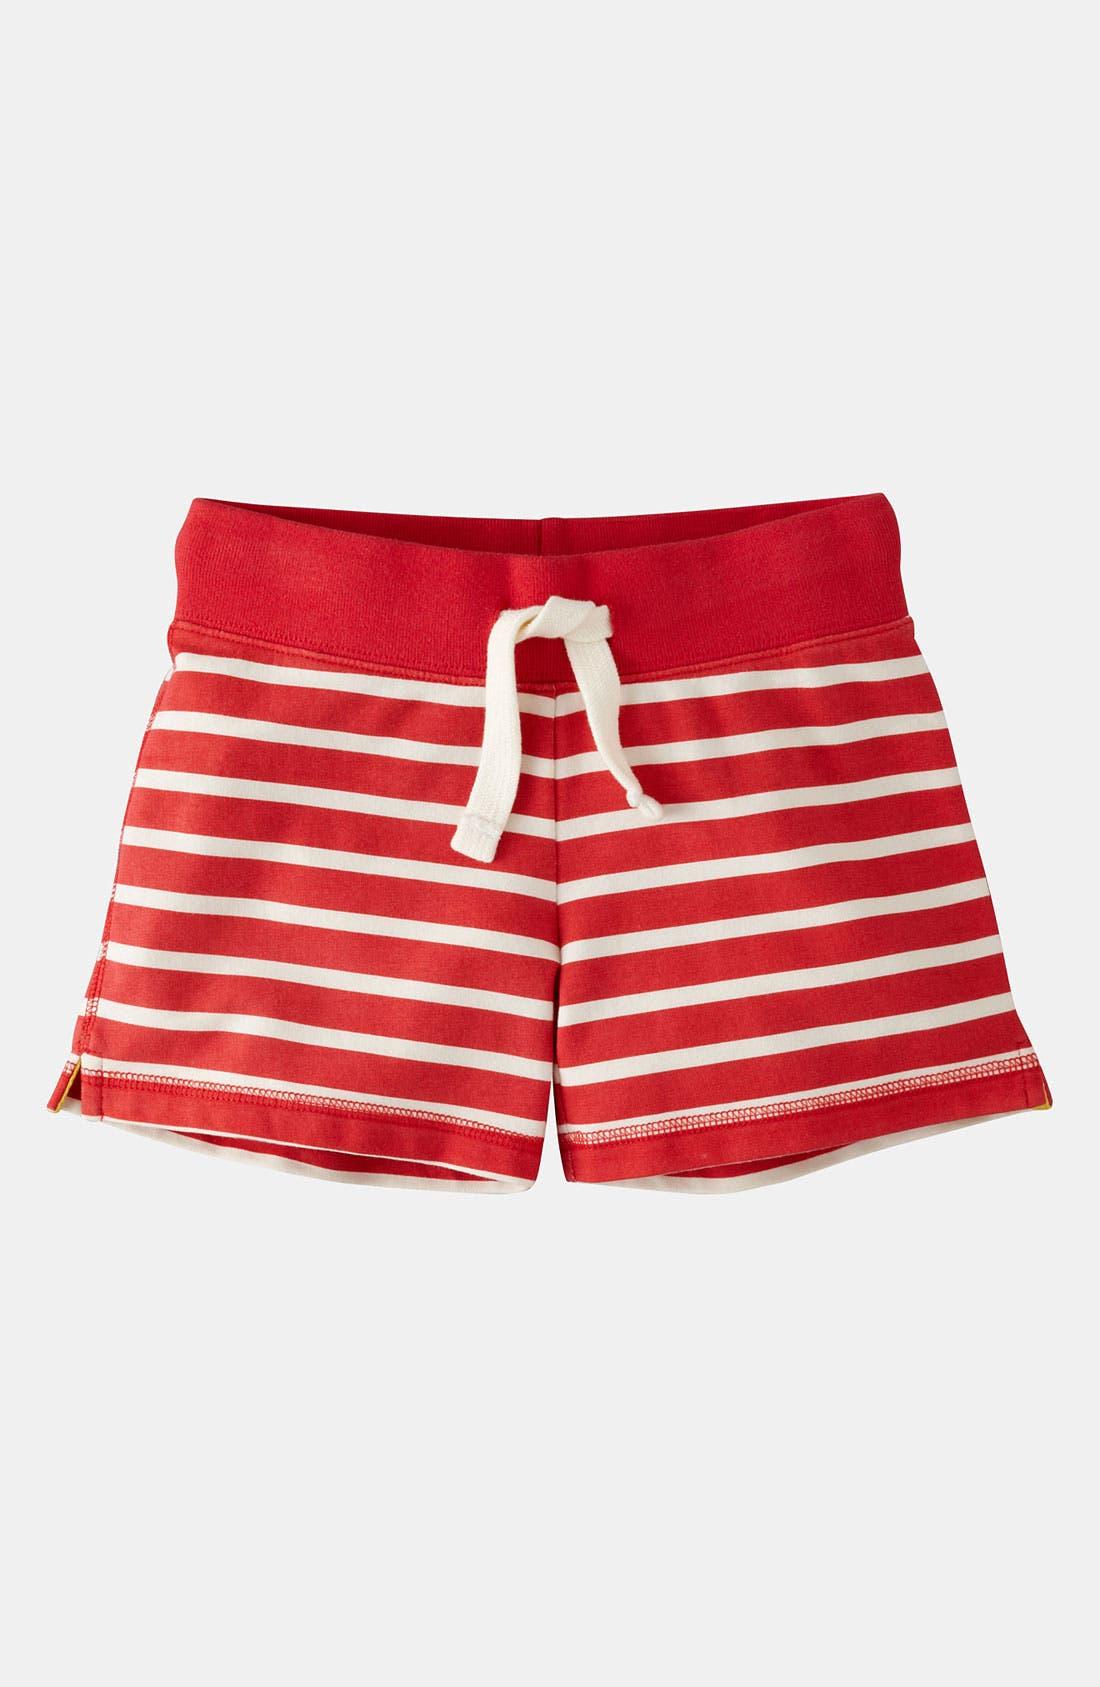 Alternate Image 1 Selected - Mini Boden Shorts (Little Girls & Big Girls)